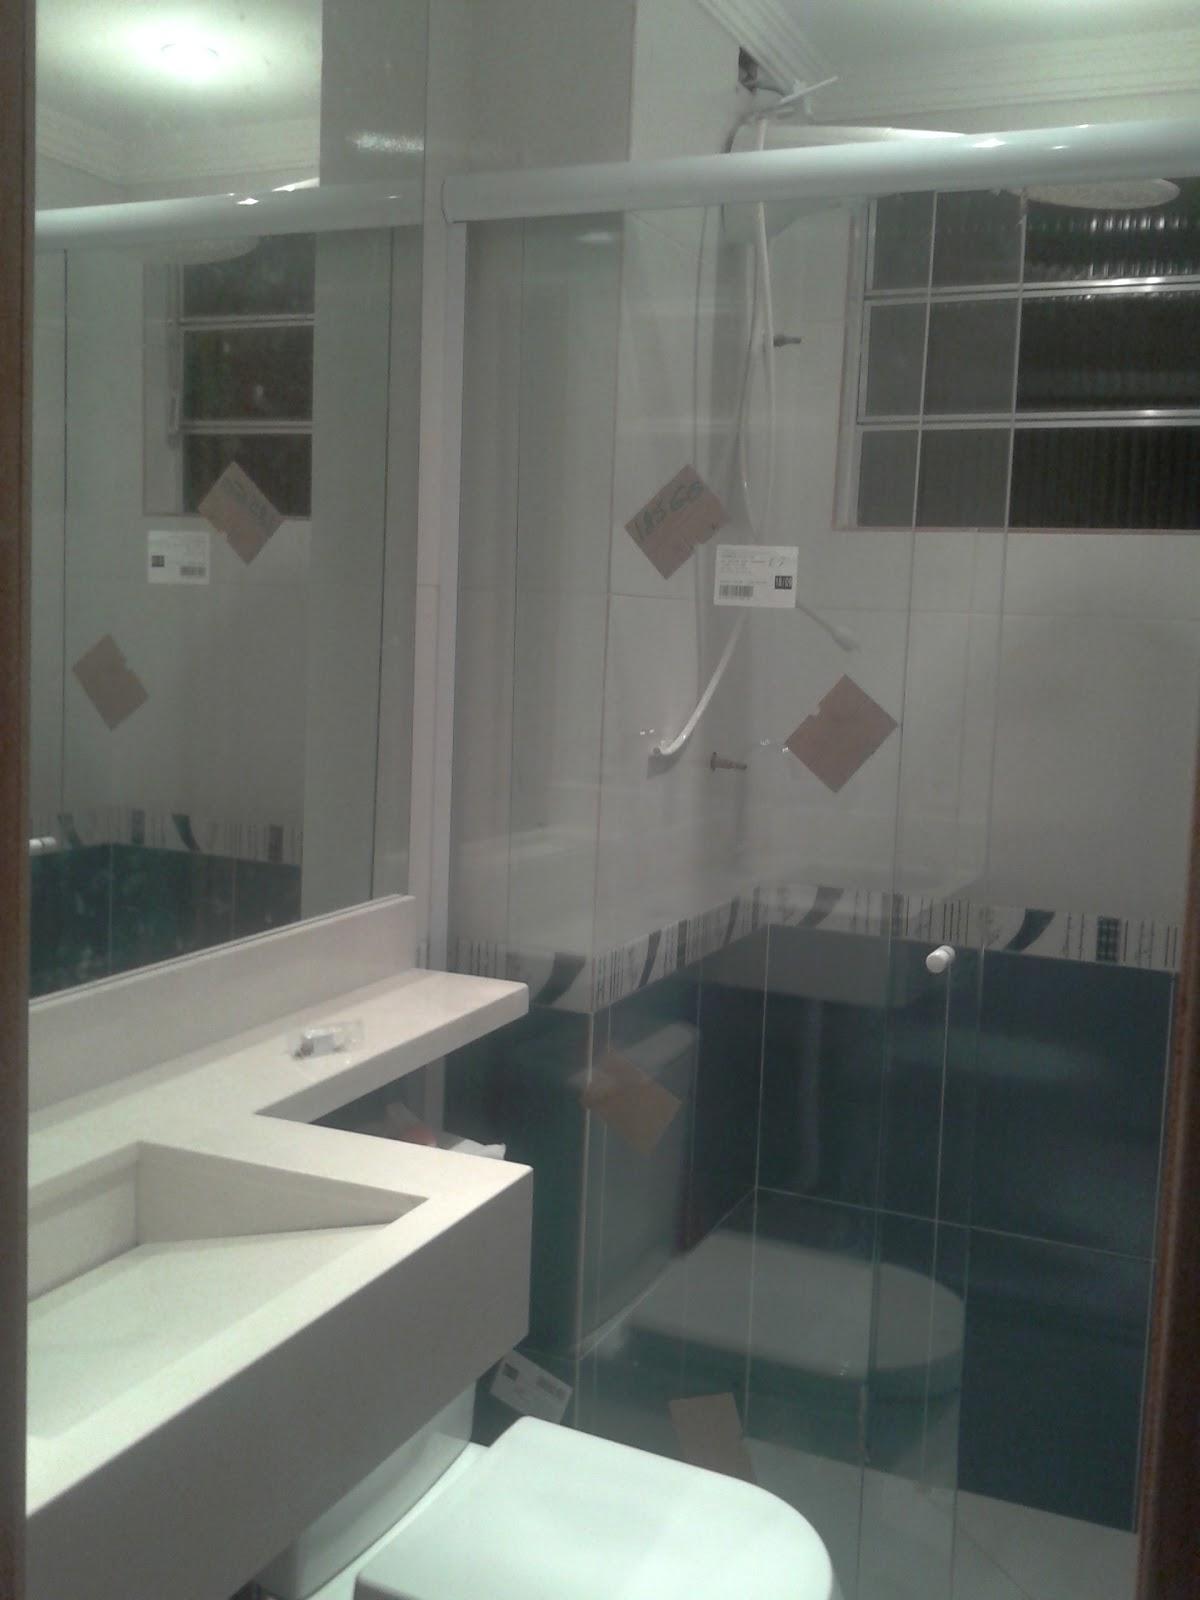 Fabuloso Sa e Eric e nosso Ap: box e espelho e antes e depois do banheiro HS26